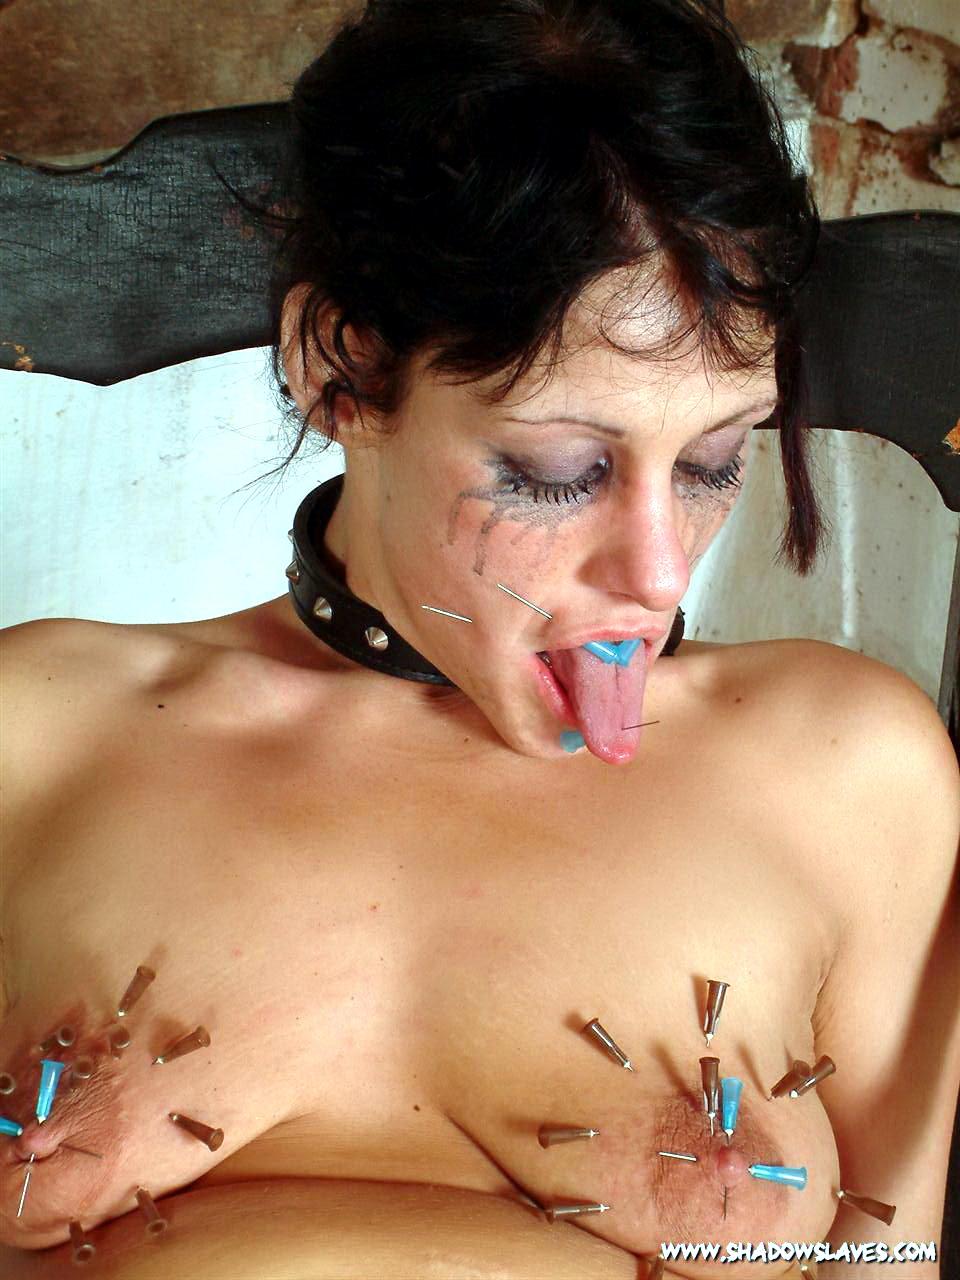 Пытка шприцами бдсм 12 фотография